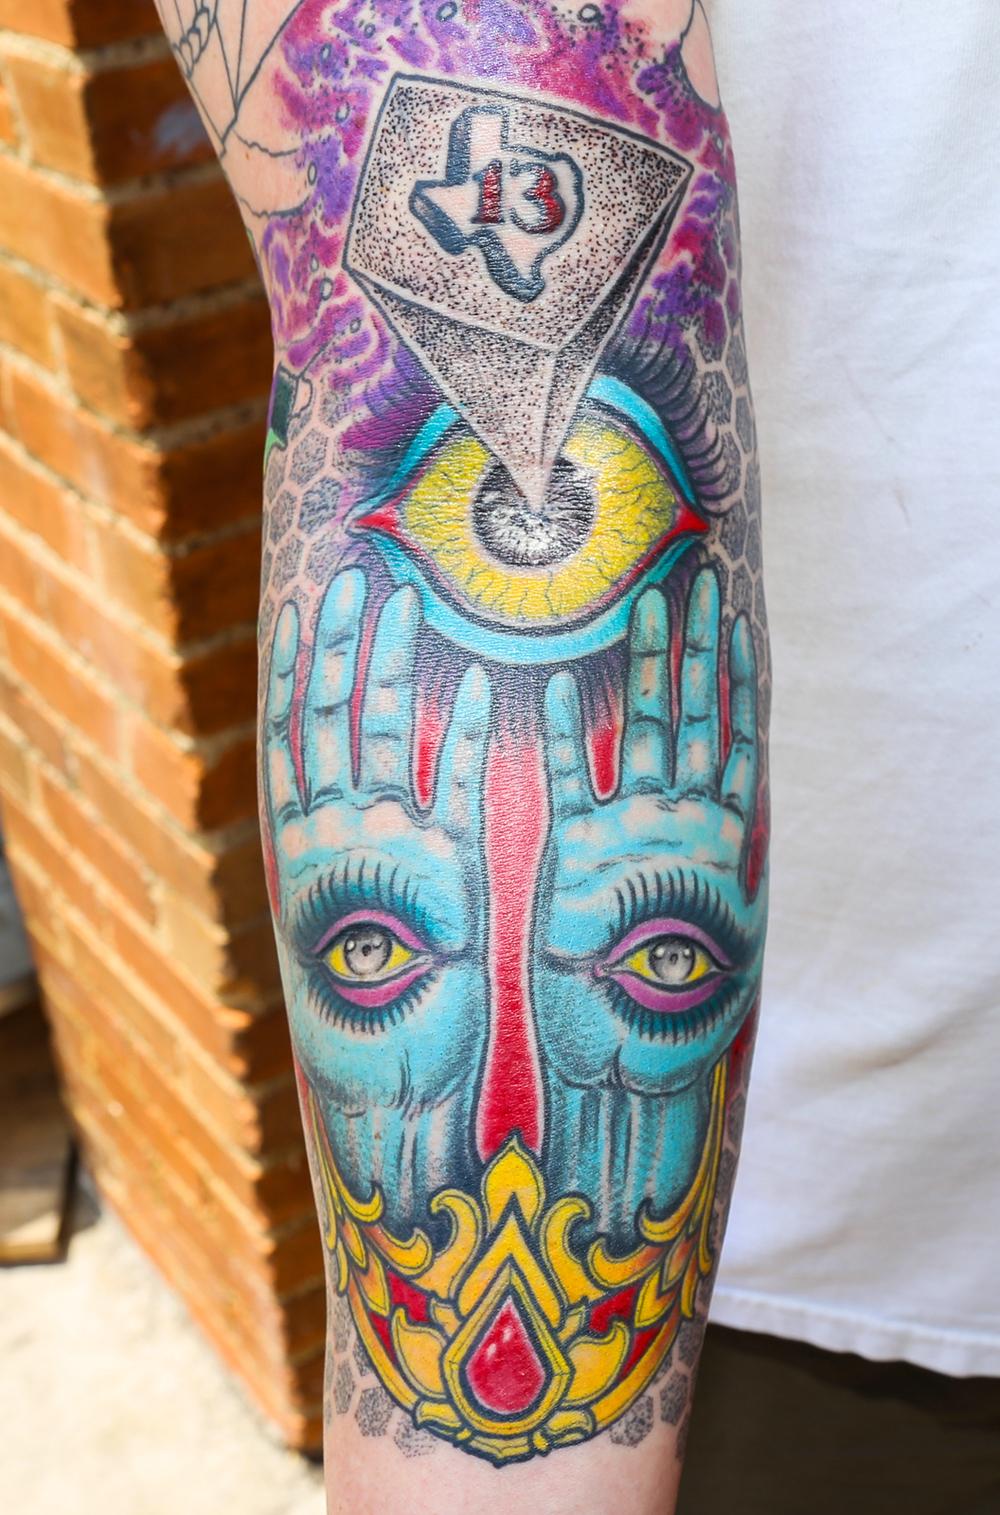 Highfives hurt 2 enrique bernal ejay tattoo.jpg